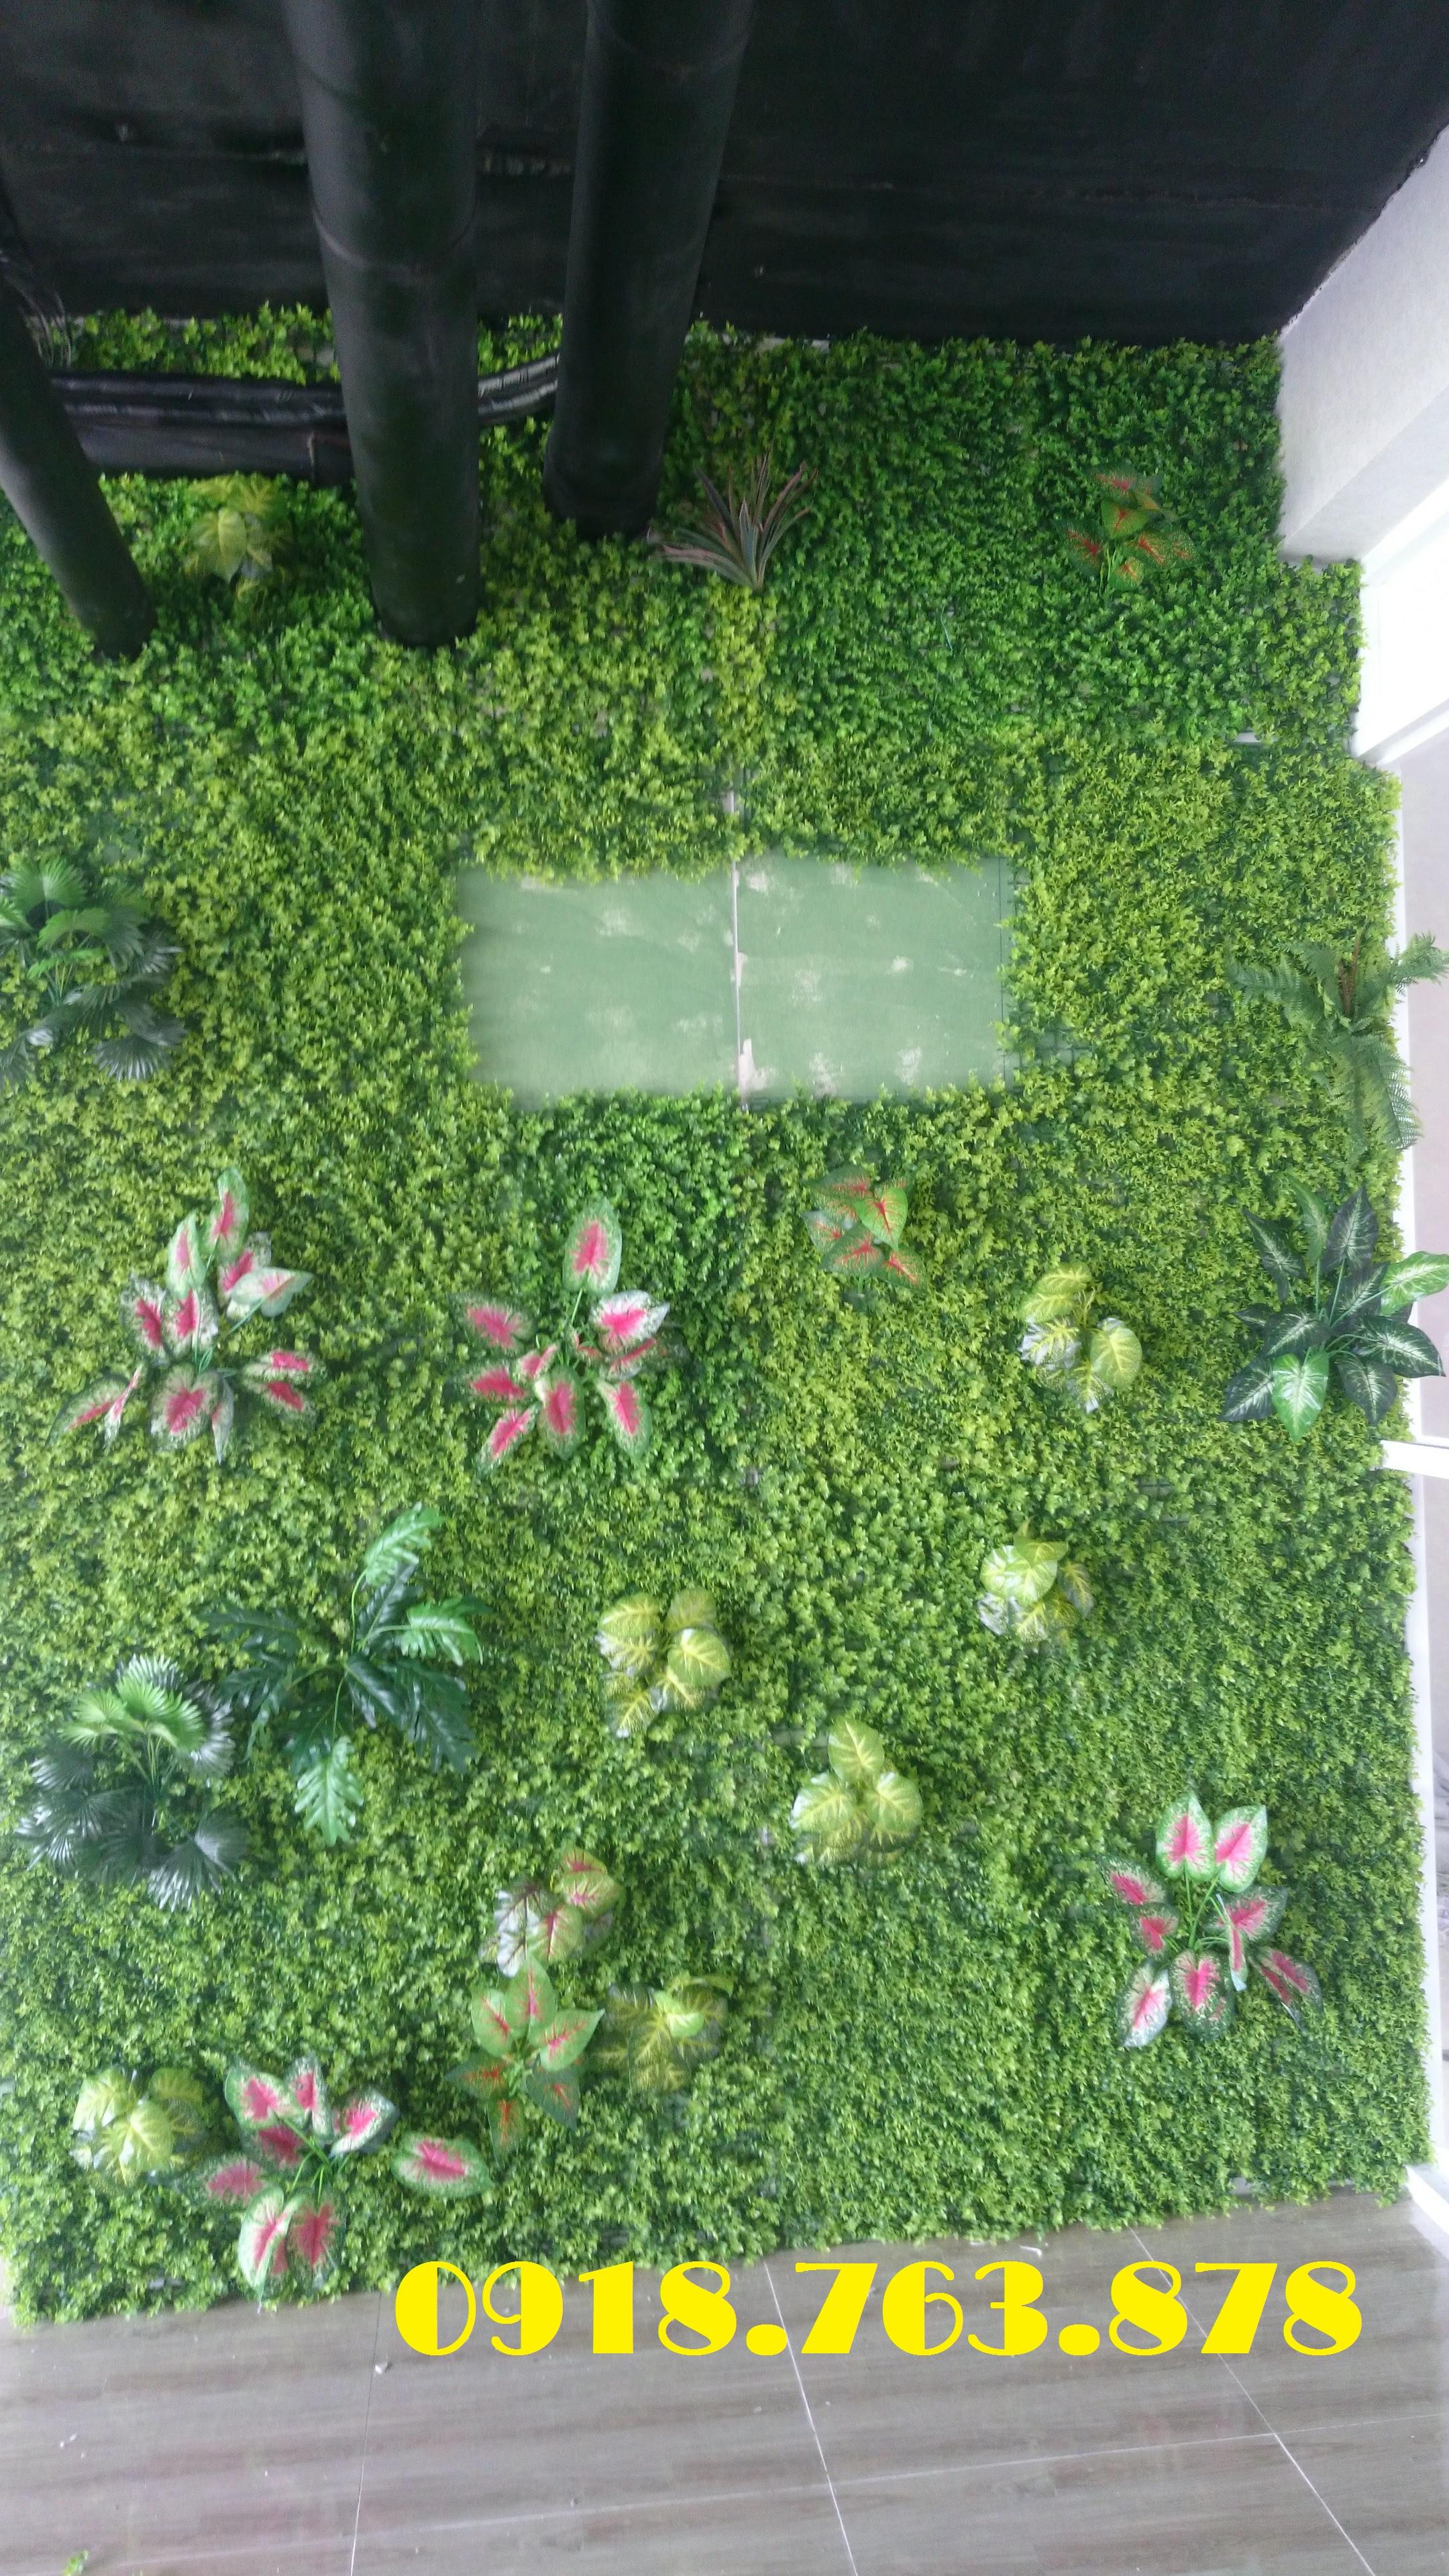 thi công tường cỏ điểm cây